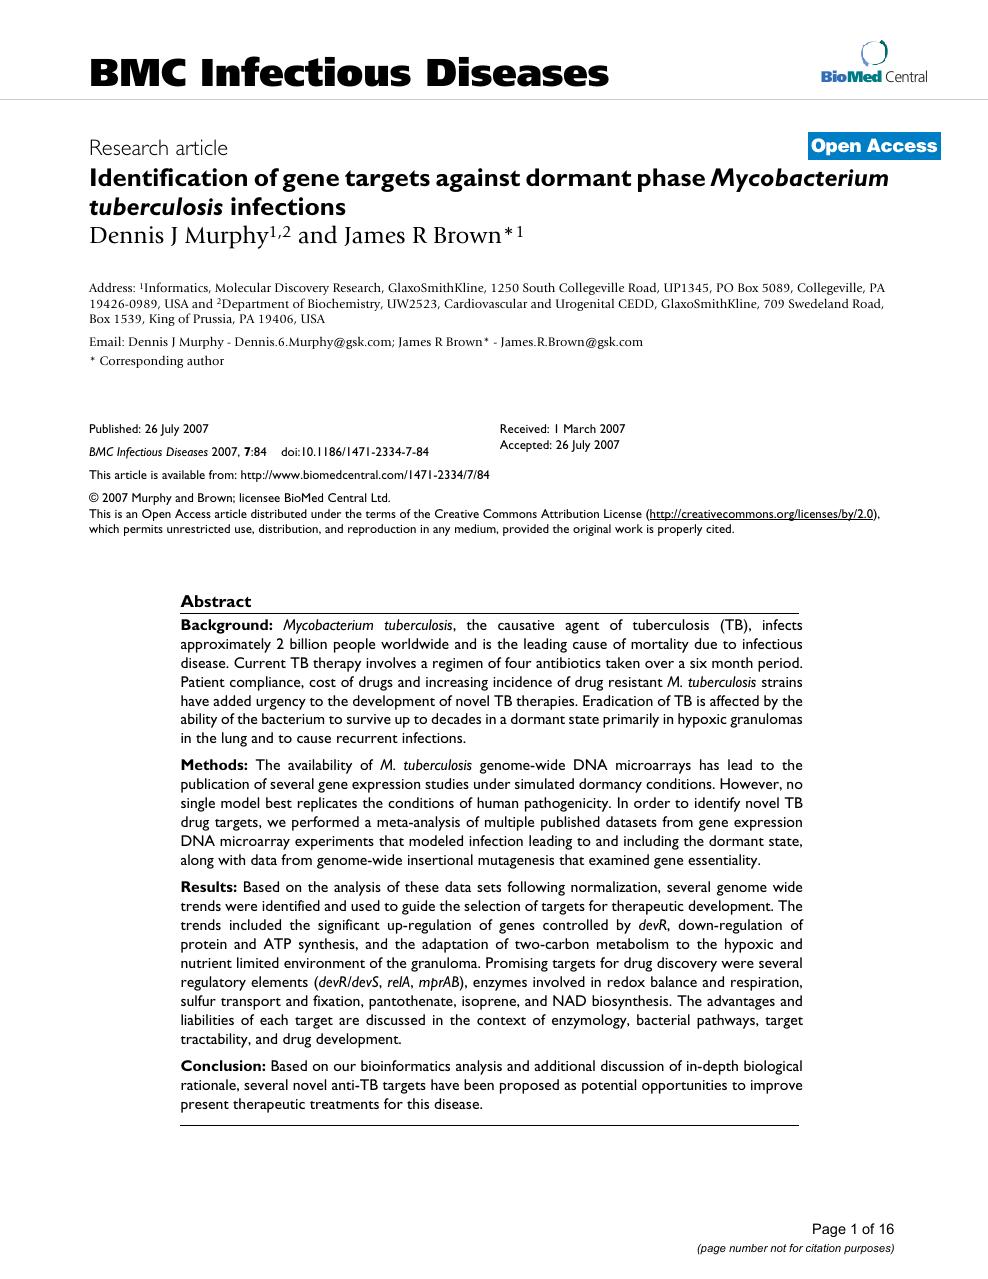 Identification of gene targets against dormant phase